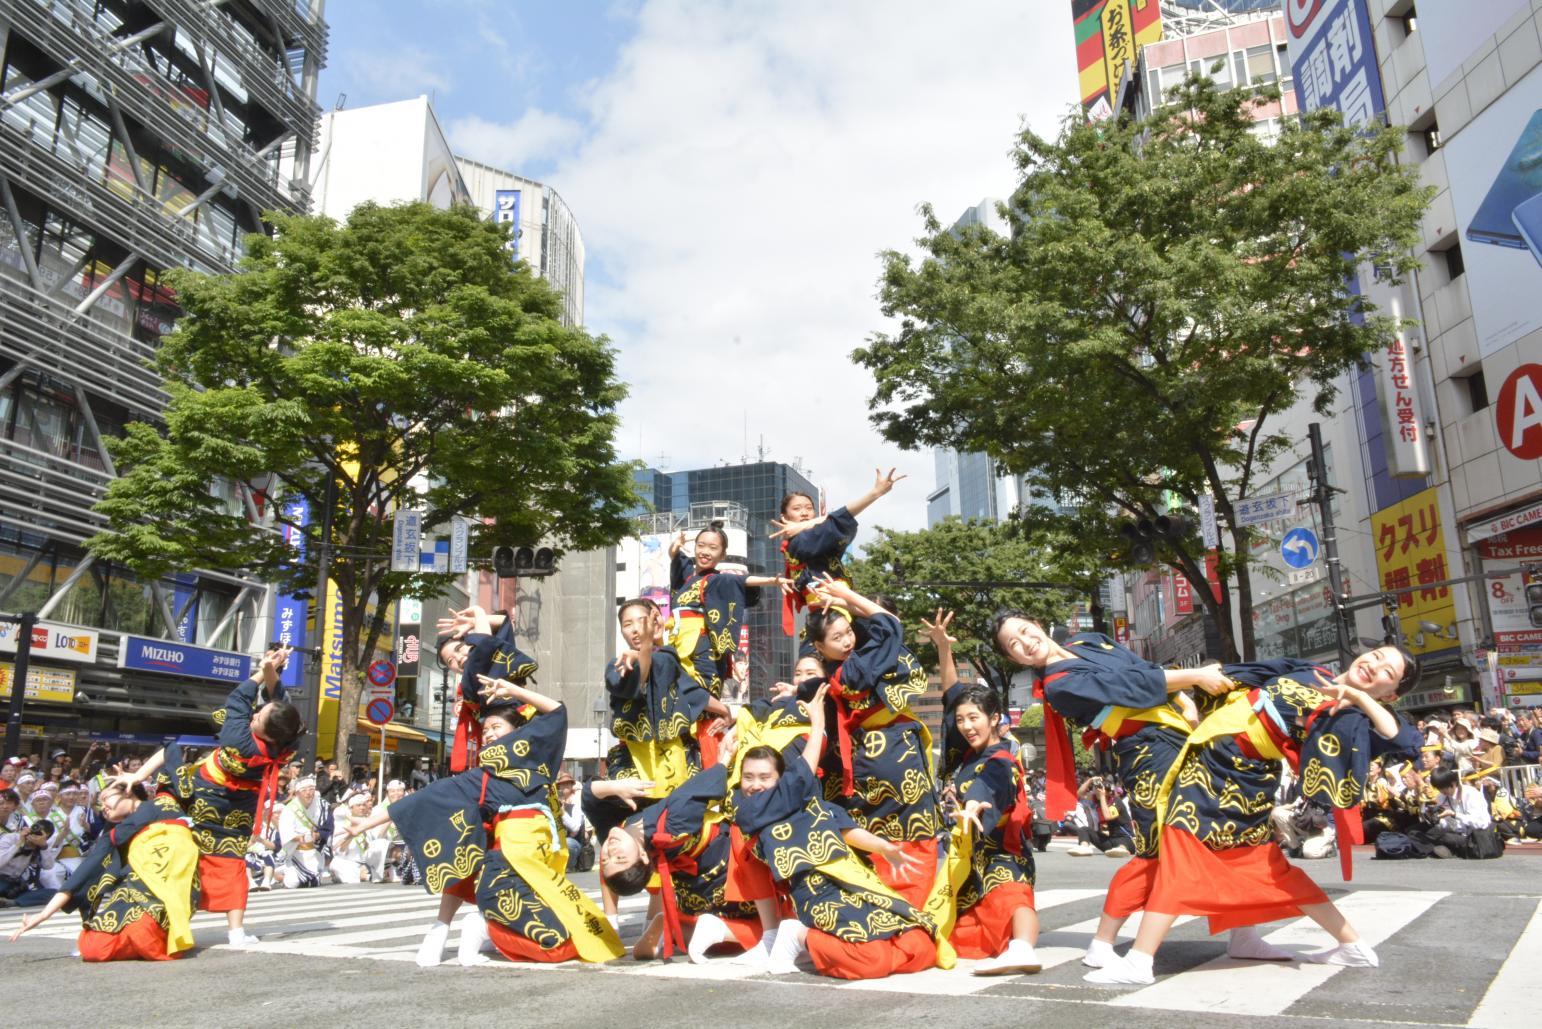 【東京開催】渋谷・鹿児島おはら祭-4